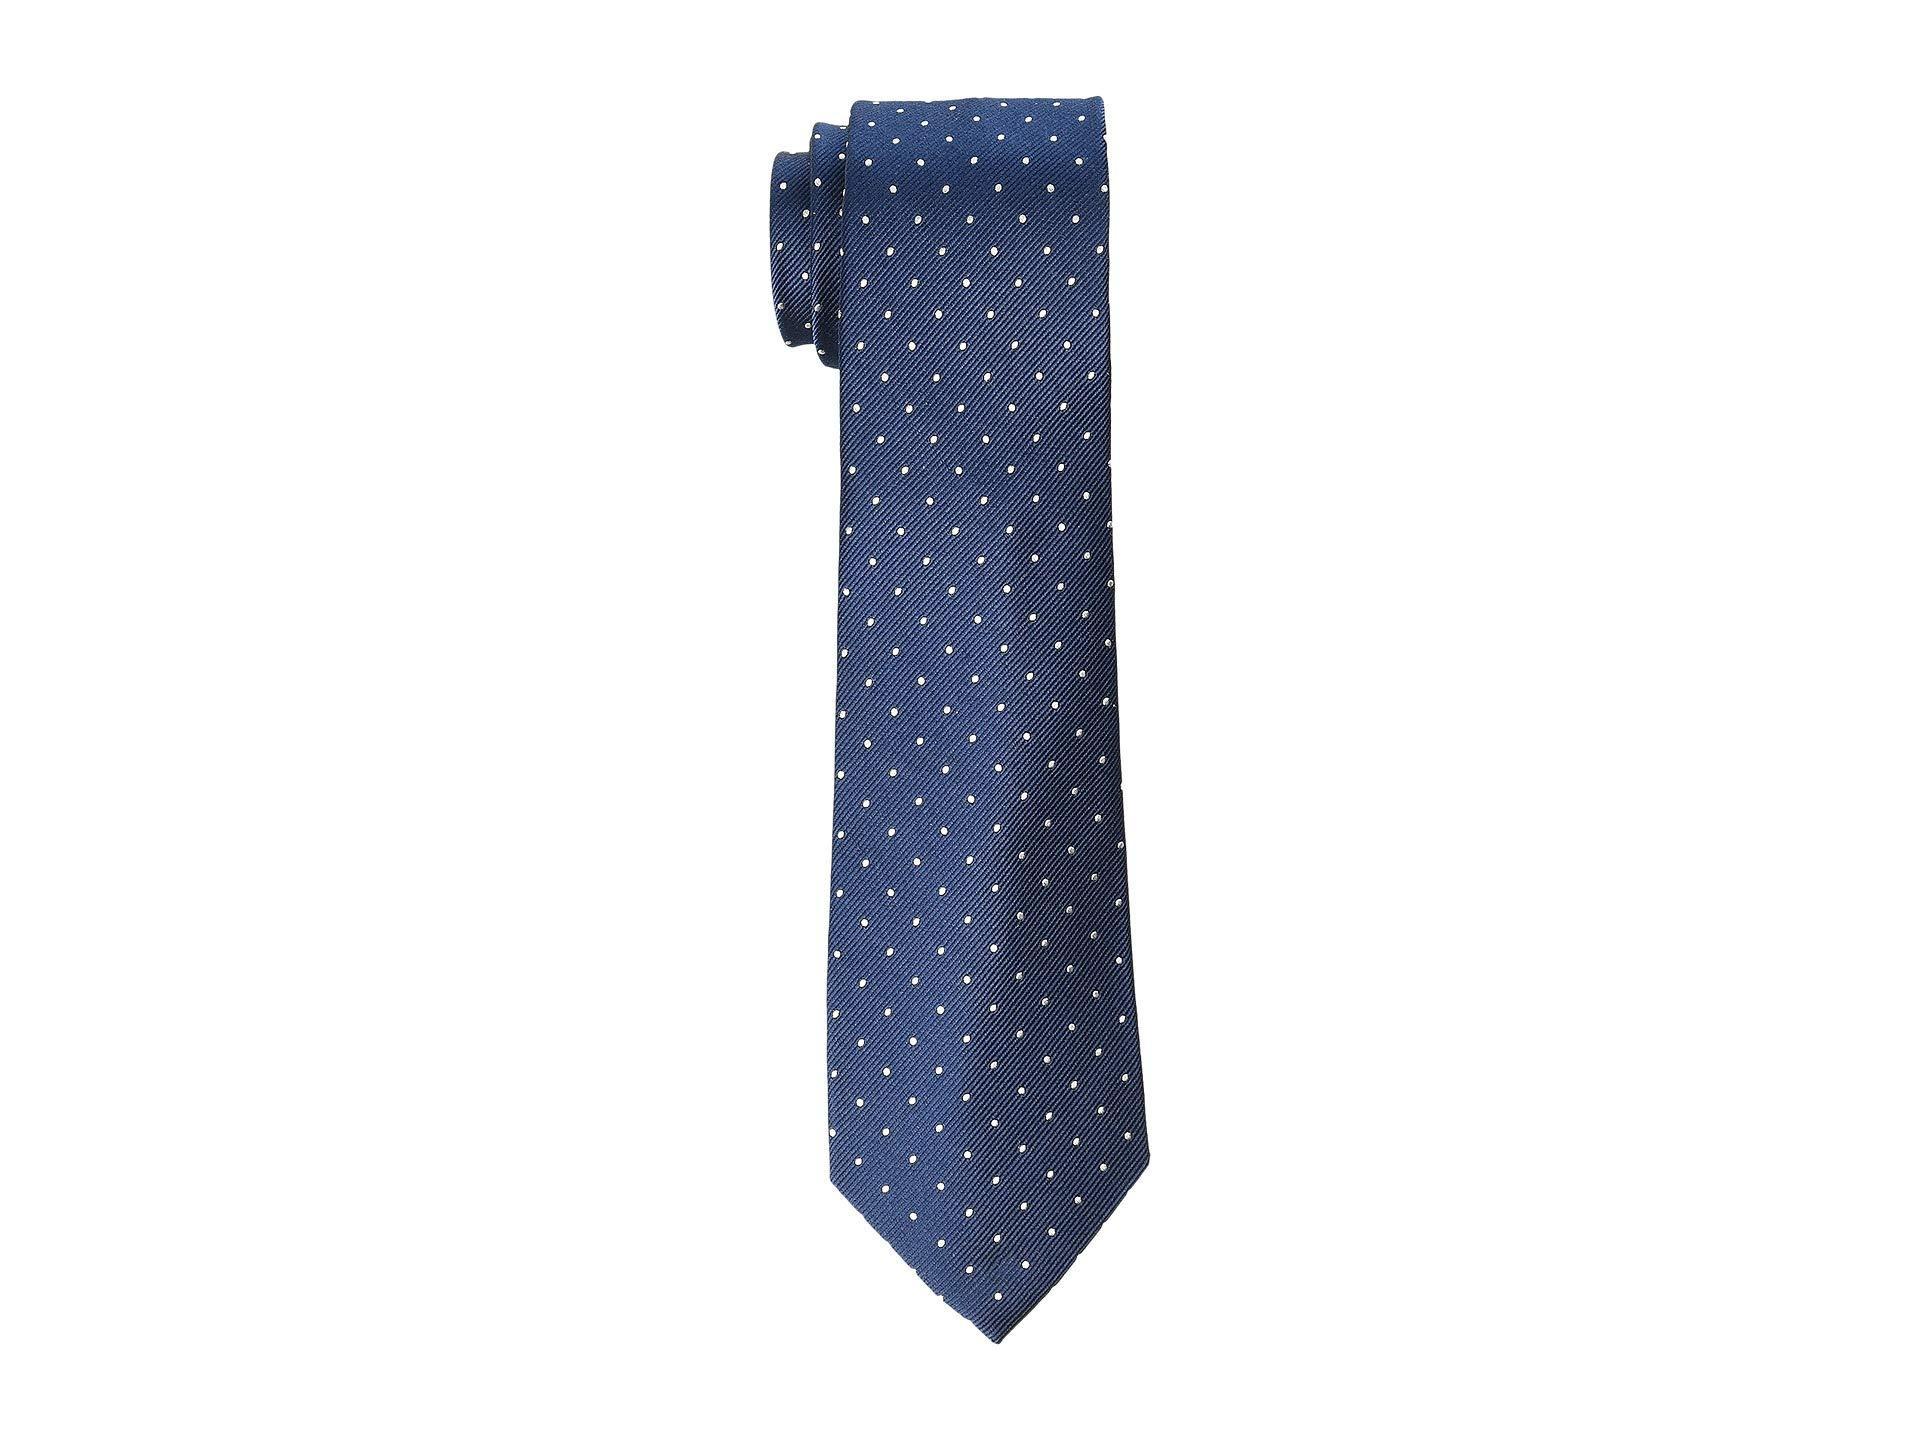 c186ad407f9ee Lyst - Lauren by Ralph Lauren Pin Dot Tie (red) Ties in Blue for Men